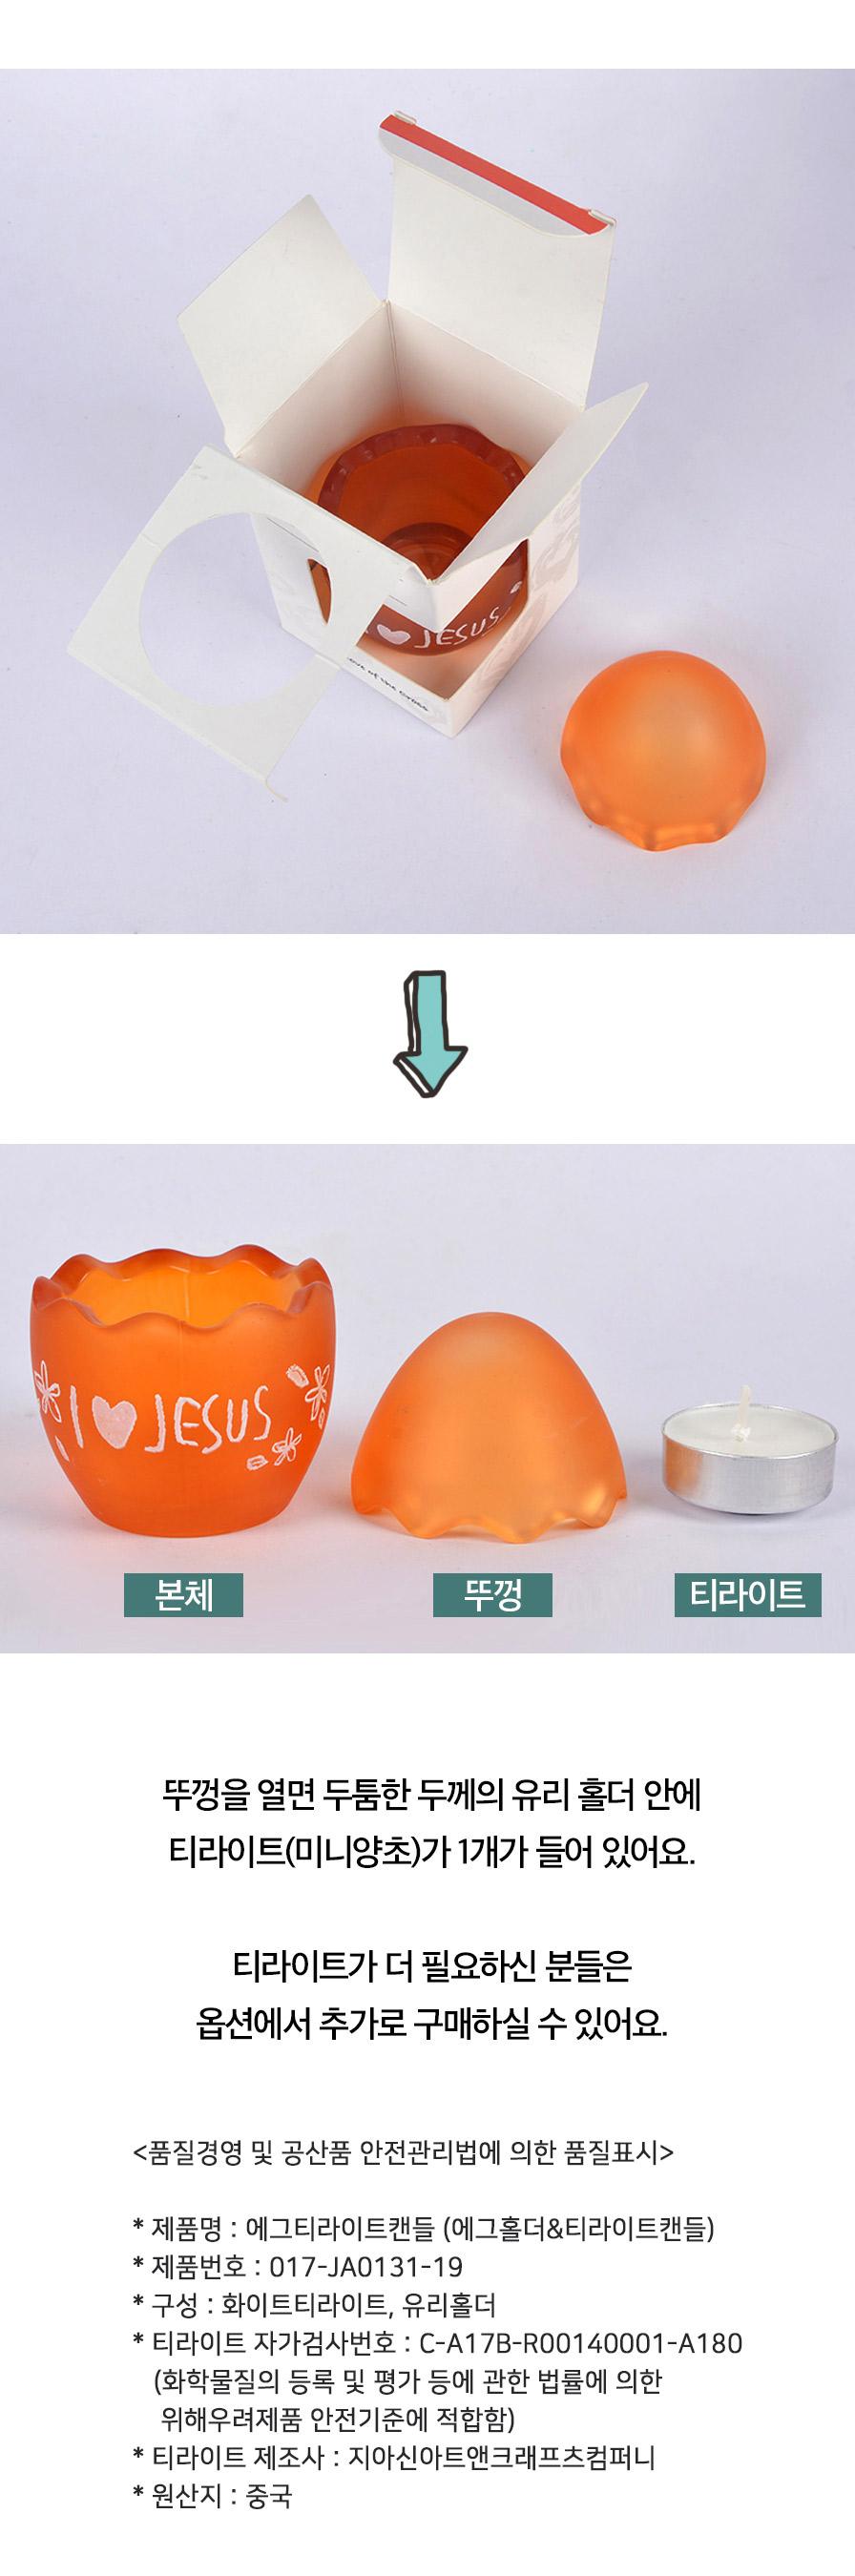 부활절 교회선물 에그 티라이트 캔들 본체, 뚜껑, 티라이트 1개로 구성돼있어요.